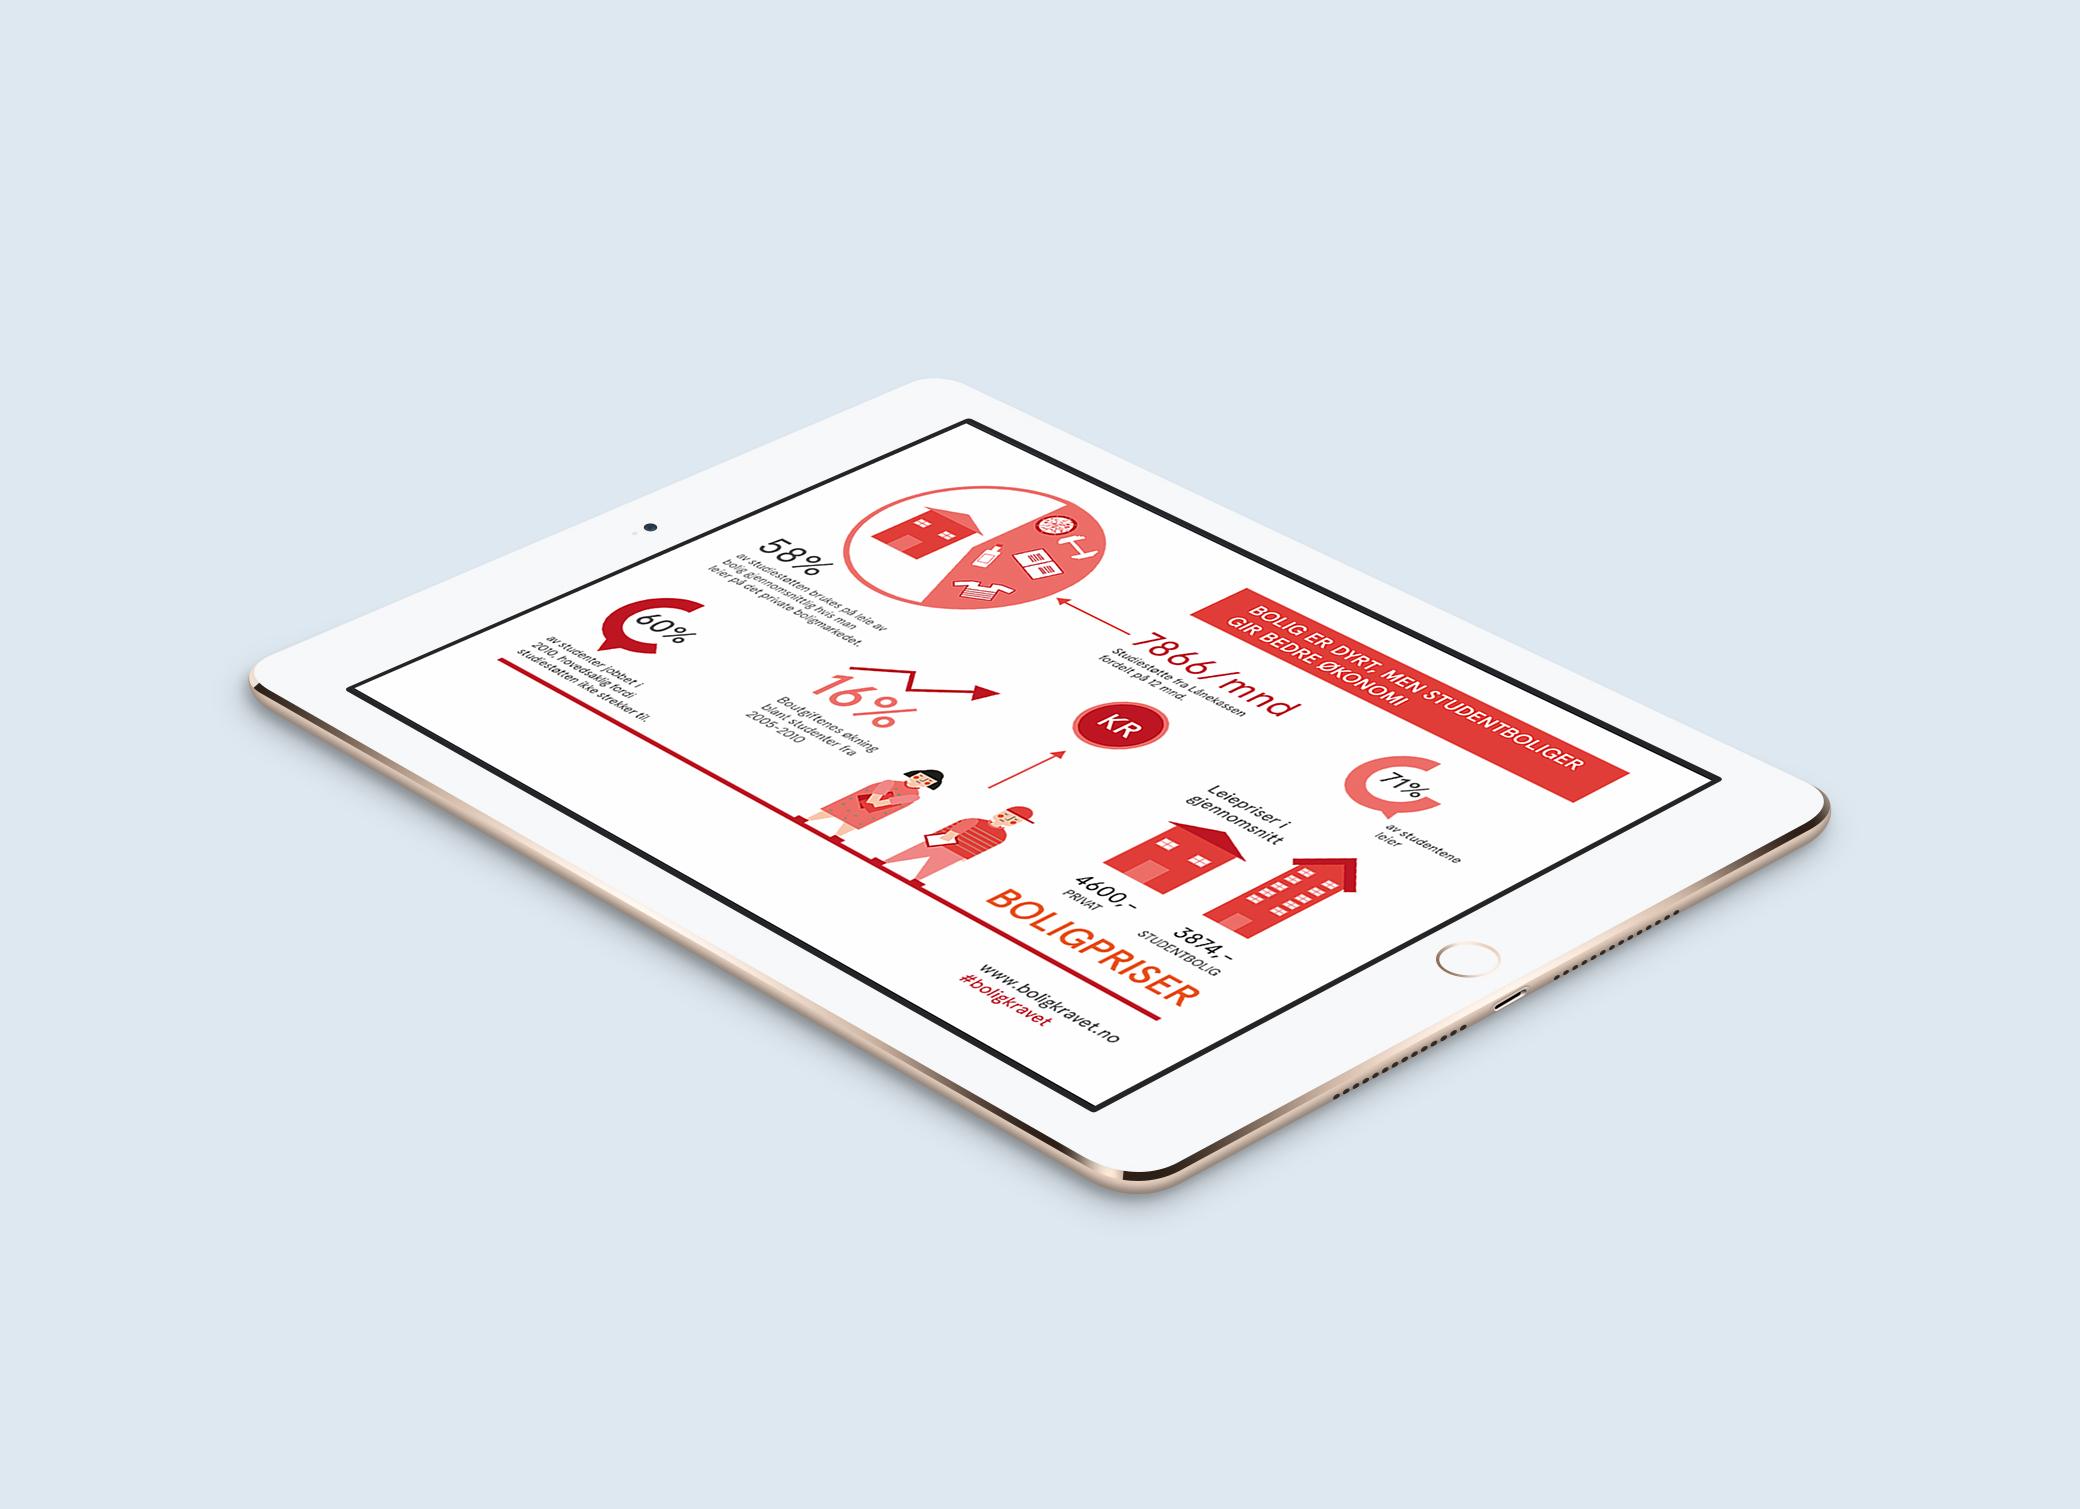 Boligkravet infografikk student illustrasjon grafer data infographic